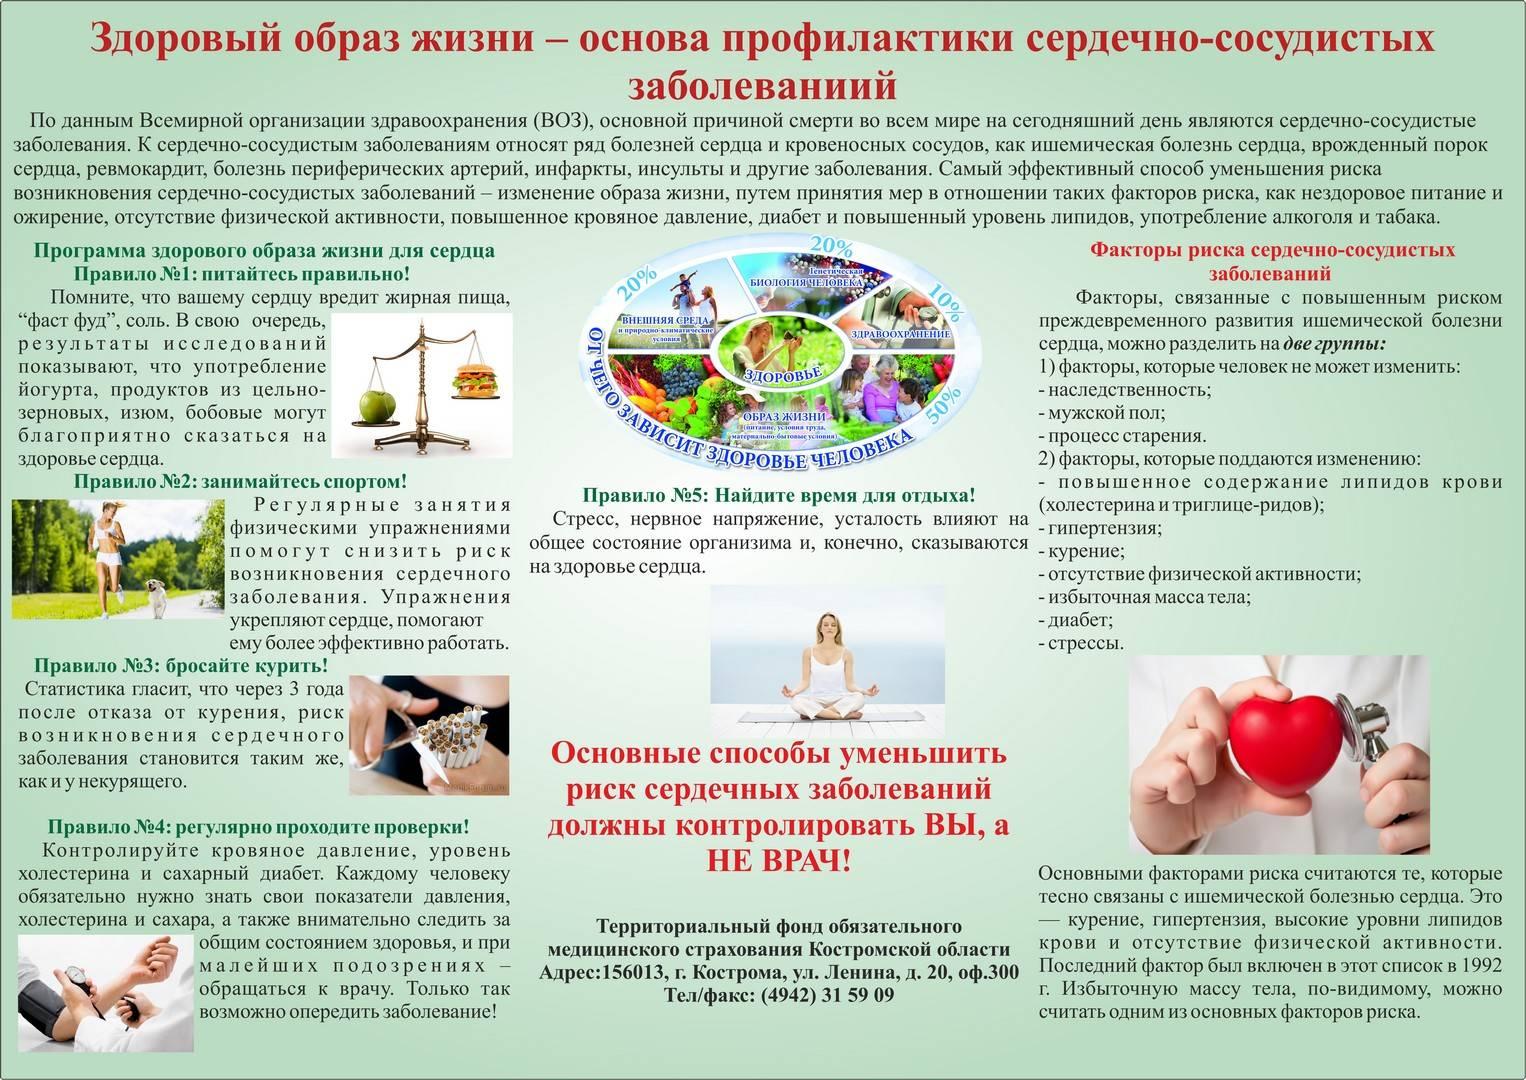 Женское здоровье: гинекология в жизни девушки, как сохранить, проблемы, профилактика, 10 практических советов